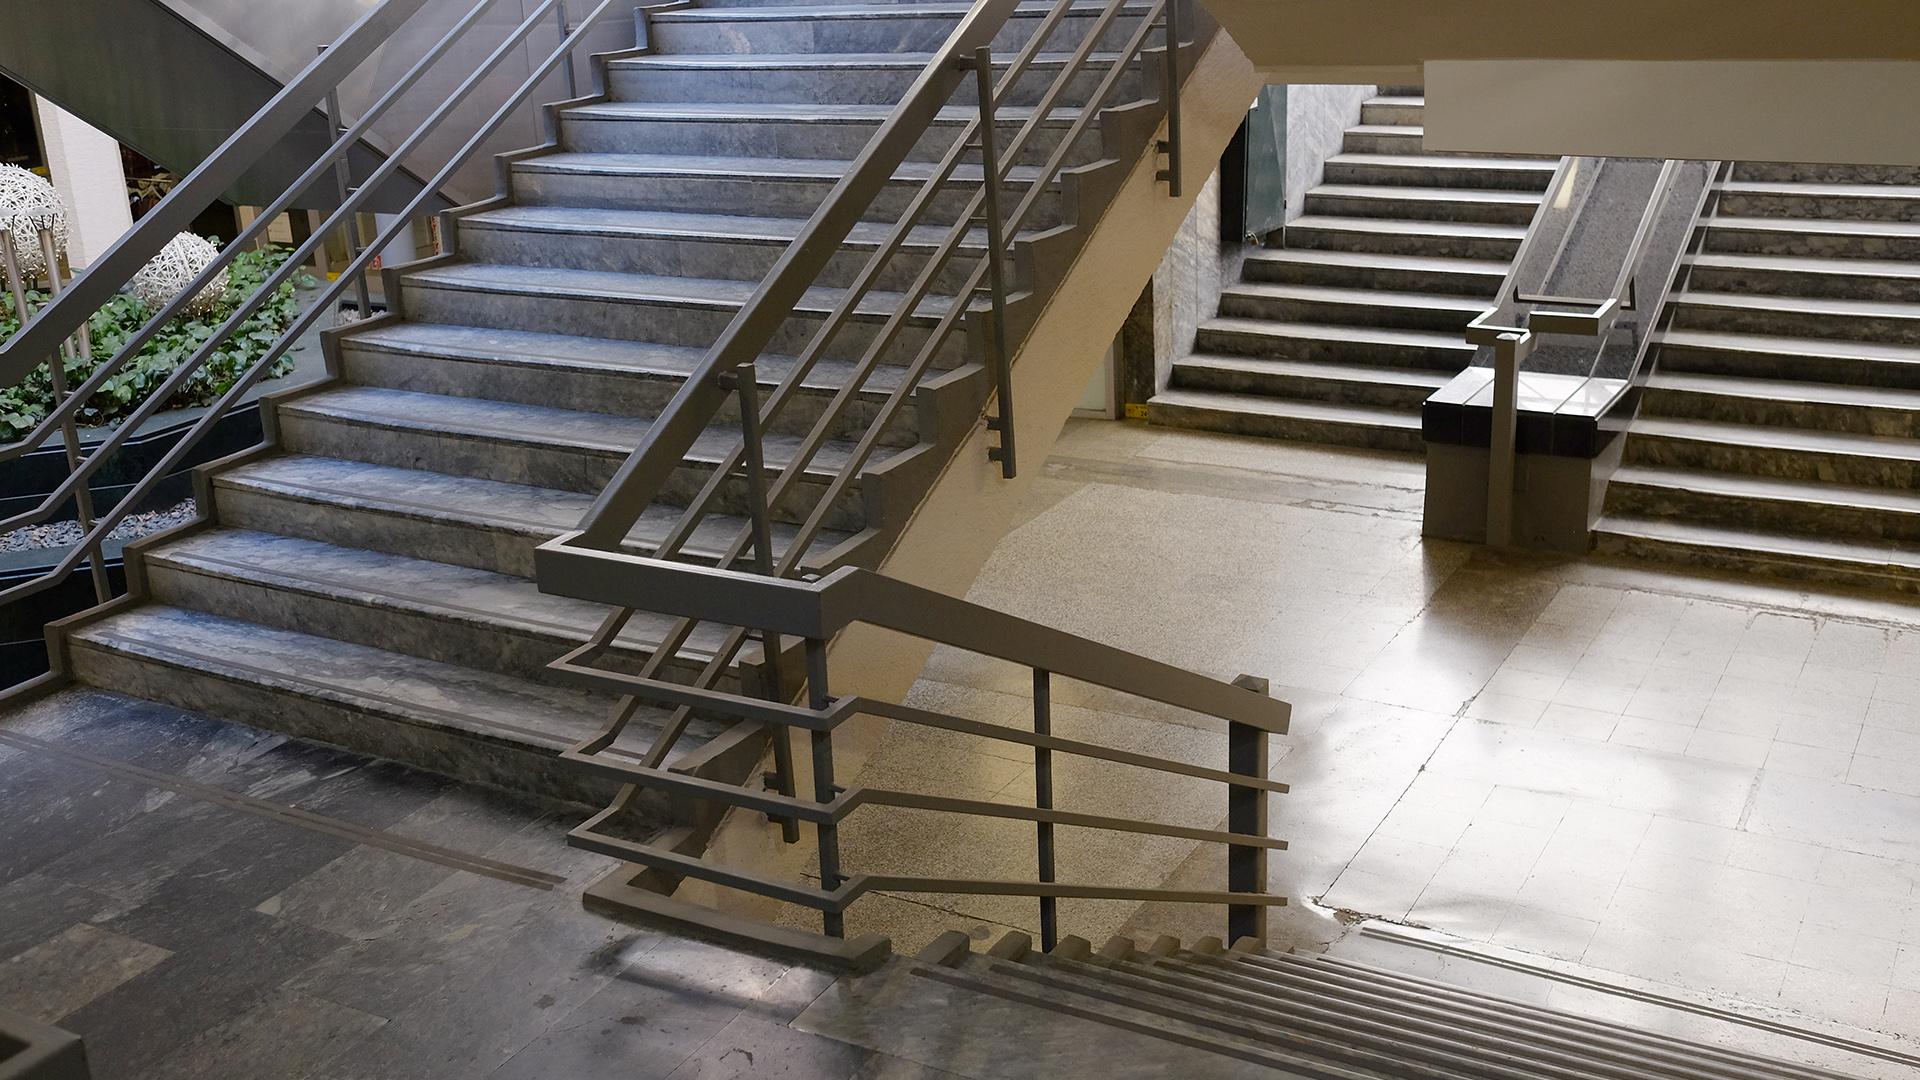 Bir binanın içindeki merdivenleri gösteren bir fotoğraf.